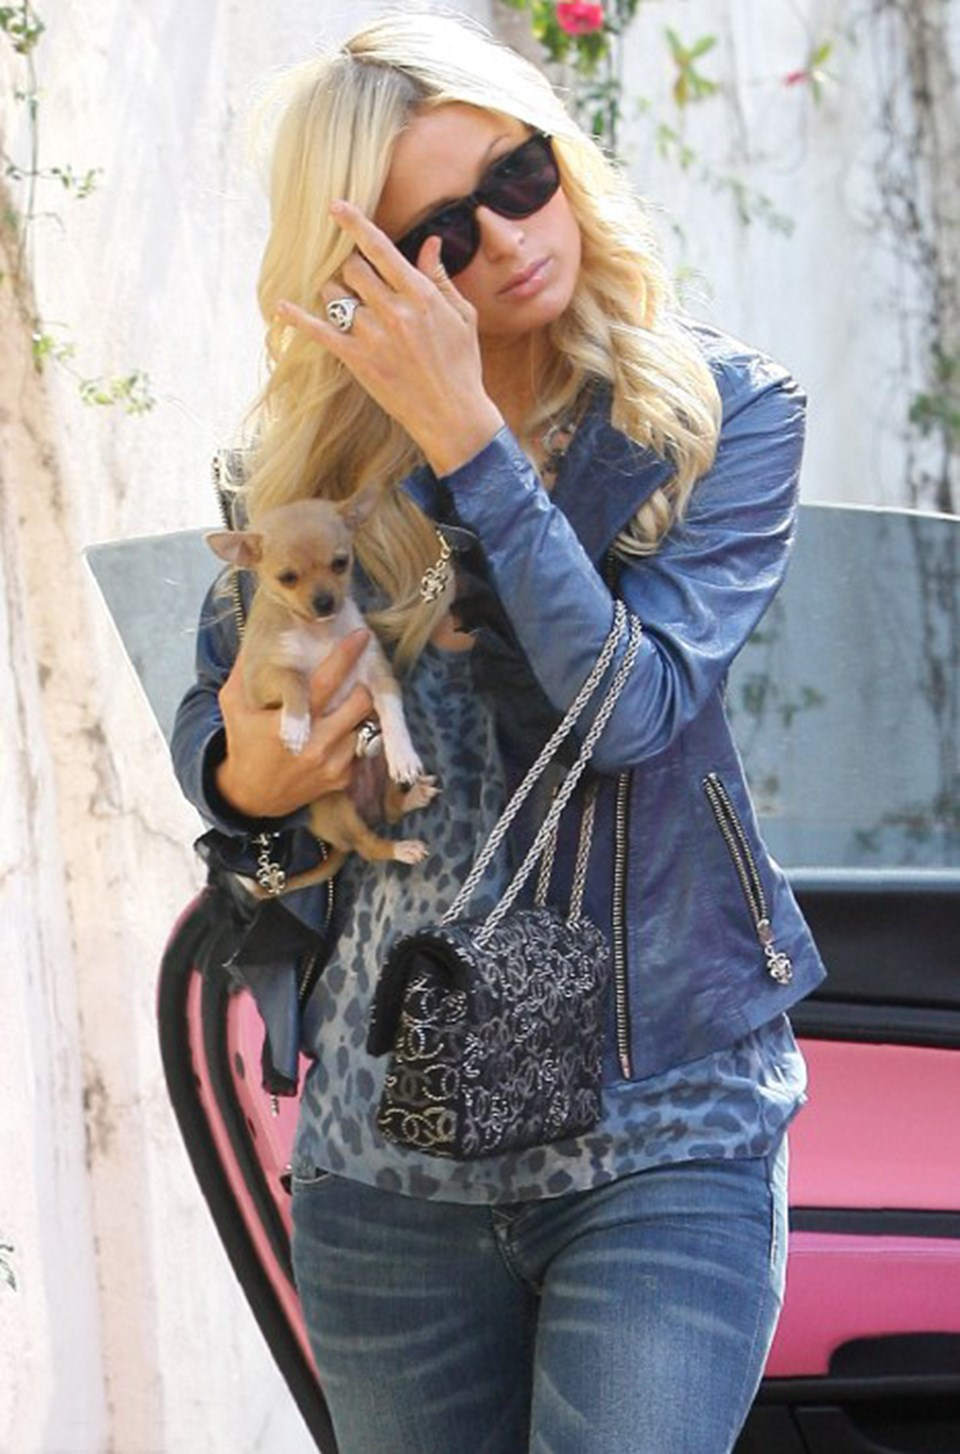 Paris Hilton Beverly Hills'teki evinin önünde yeni realite programı için çekim yapıyor